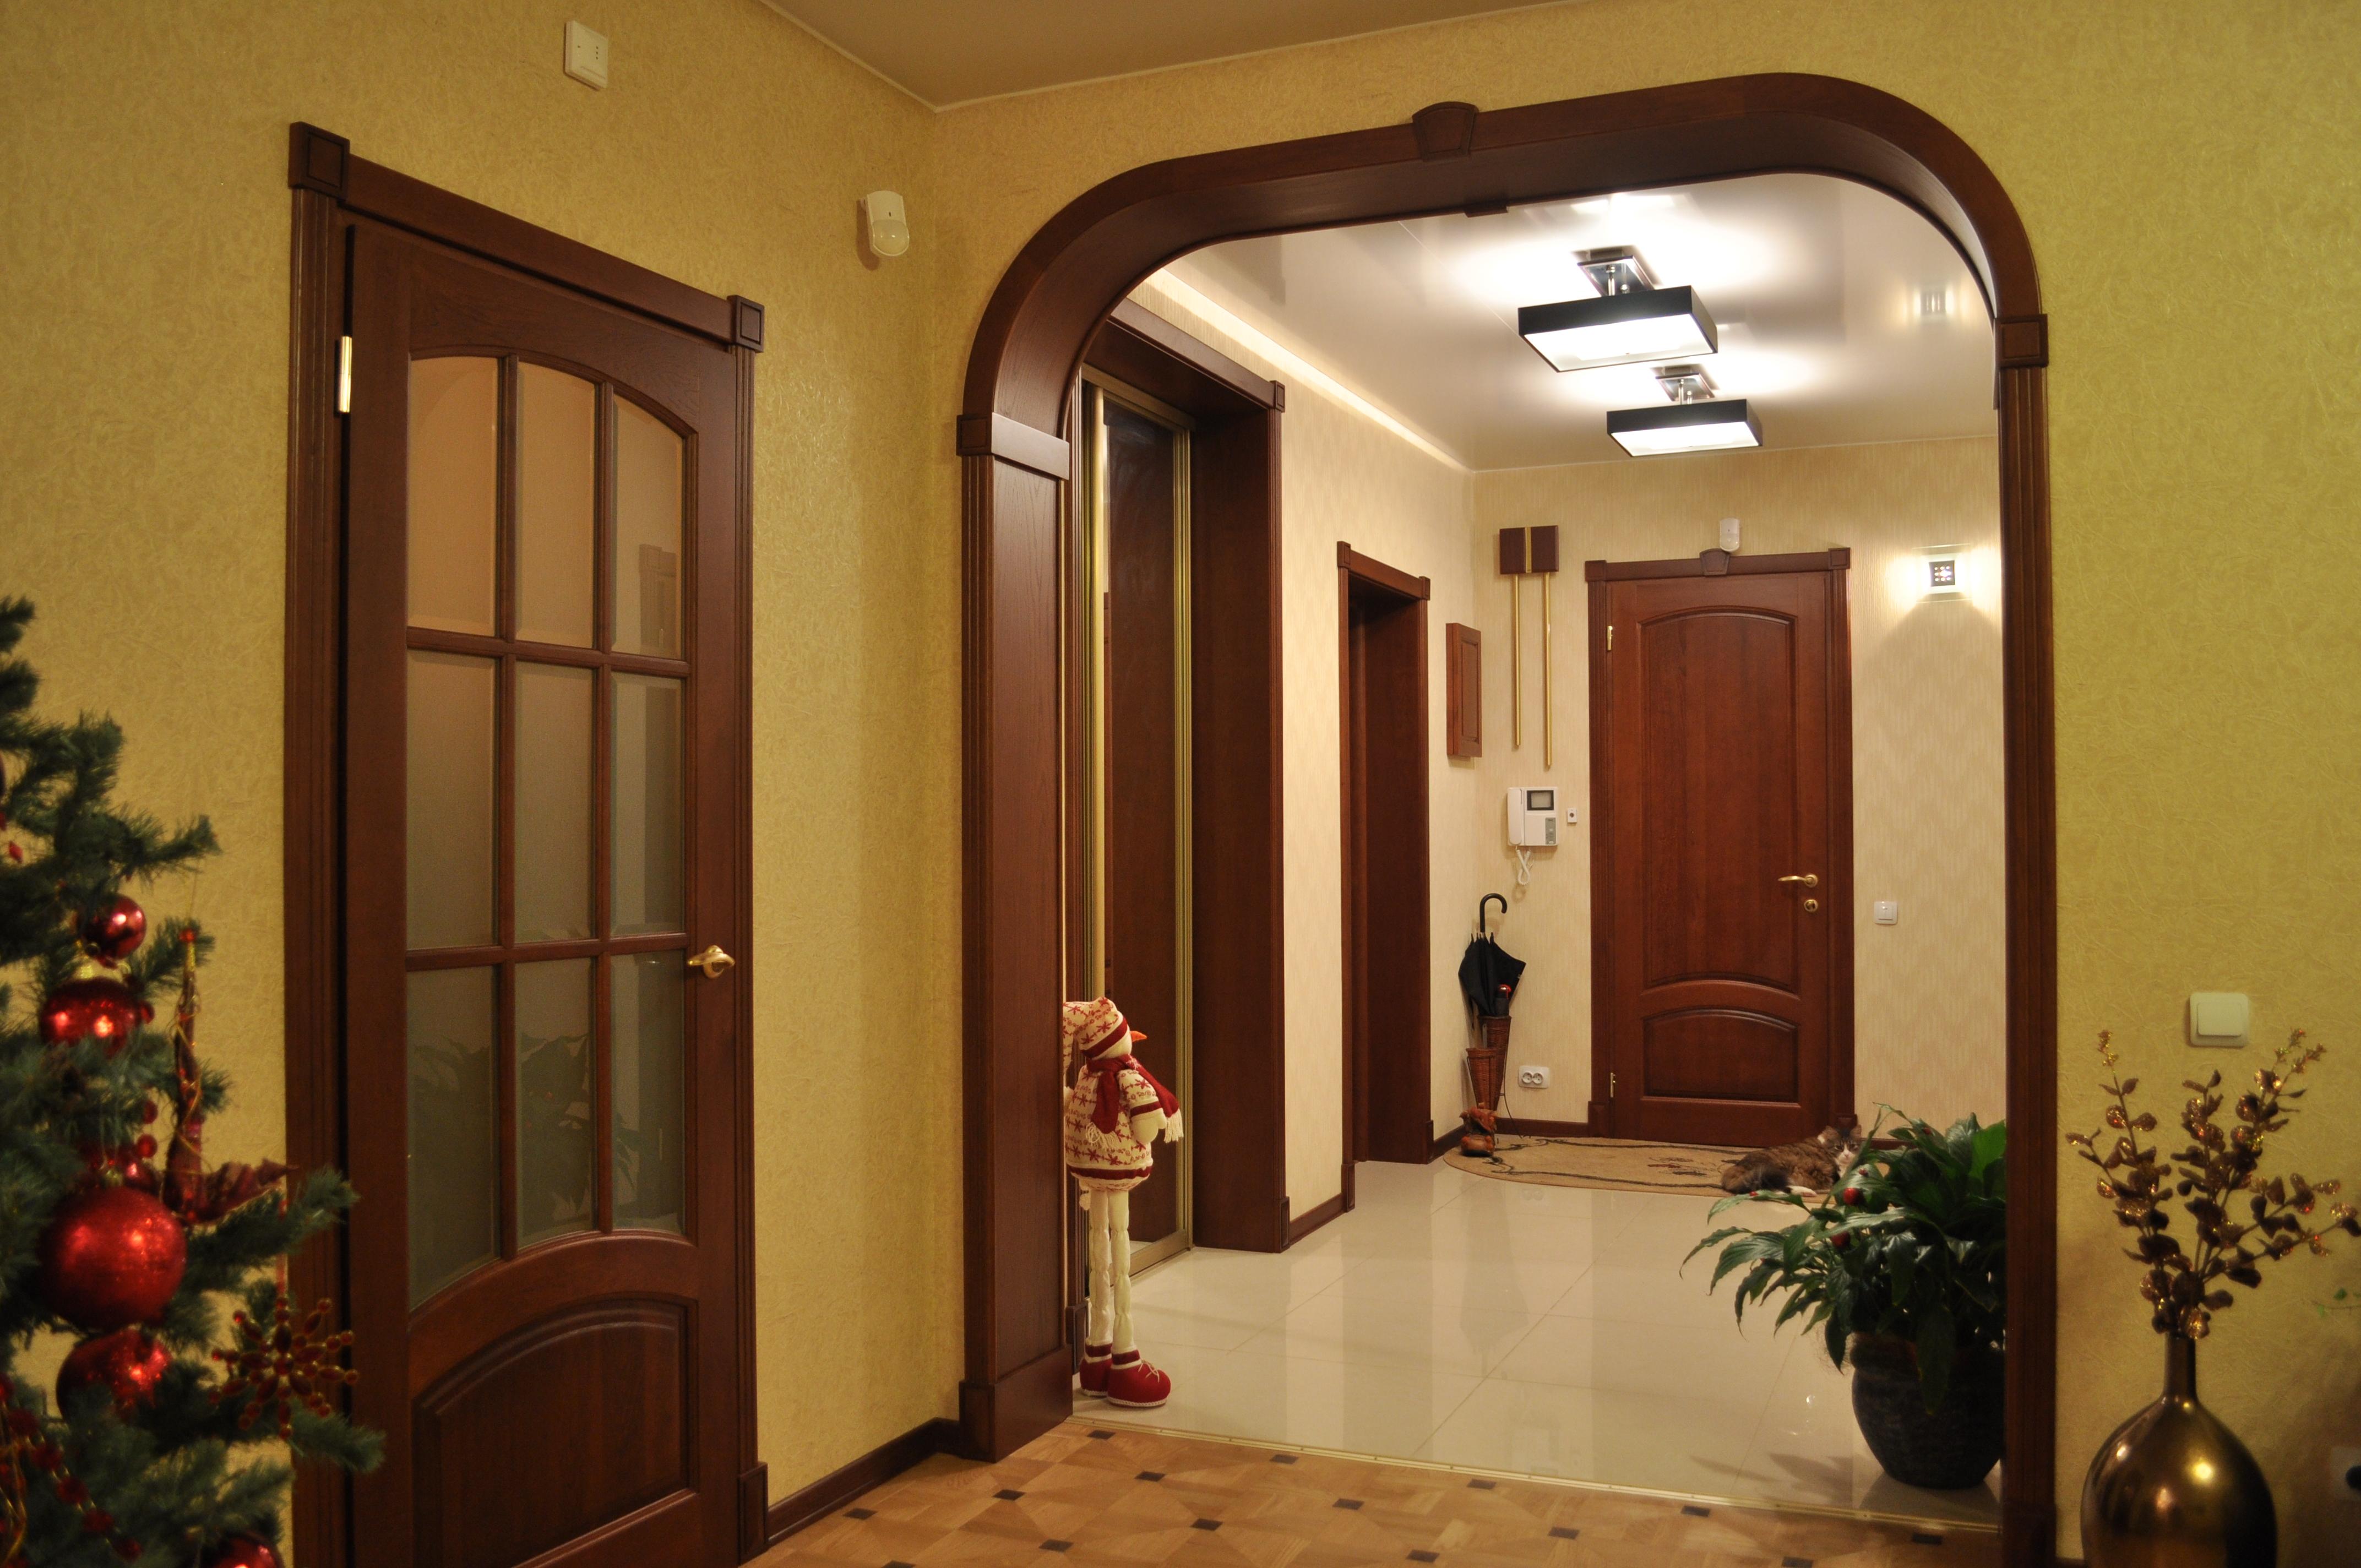 дверные проемы с дверью фото подсказал башкирский